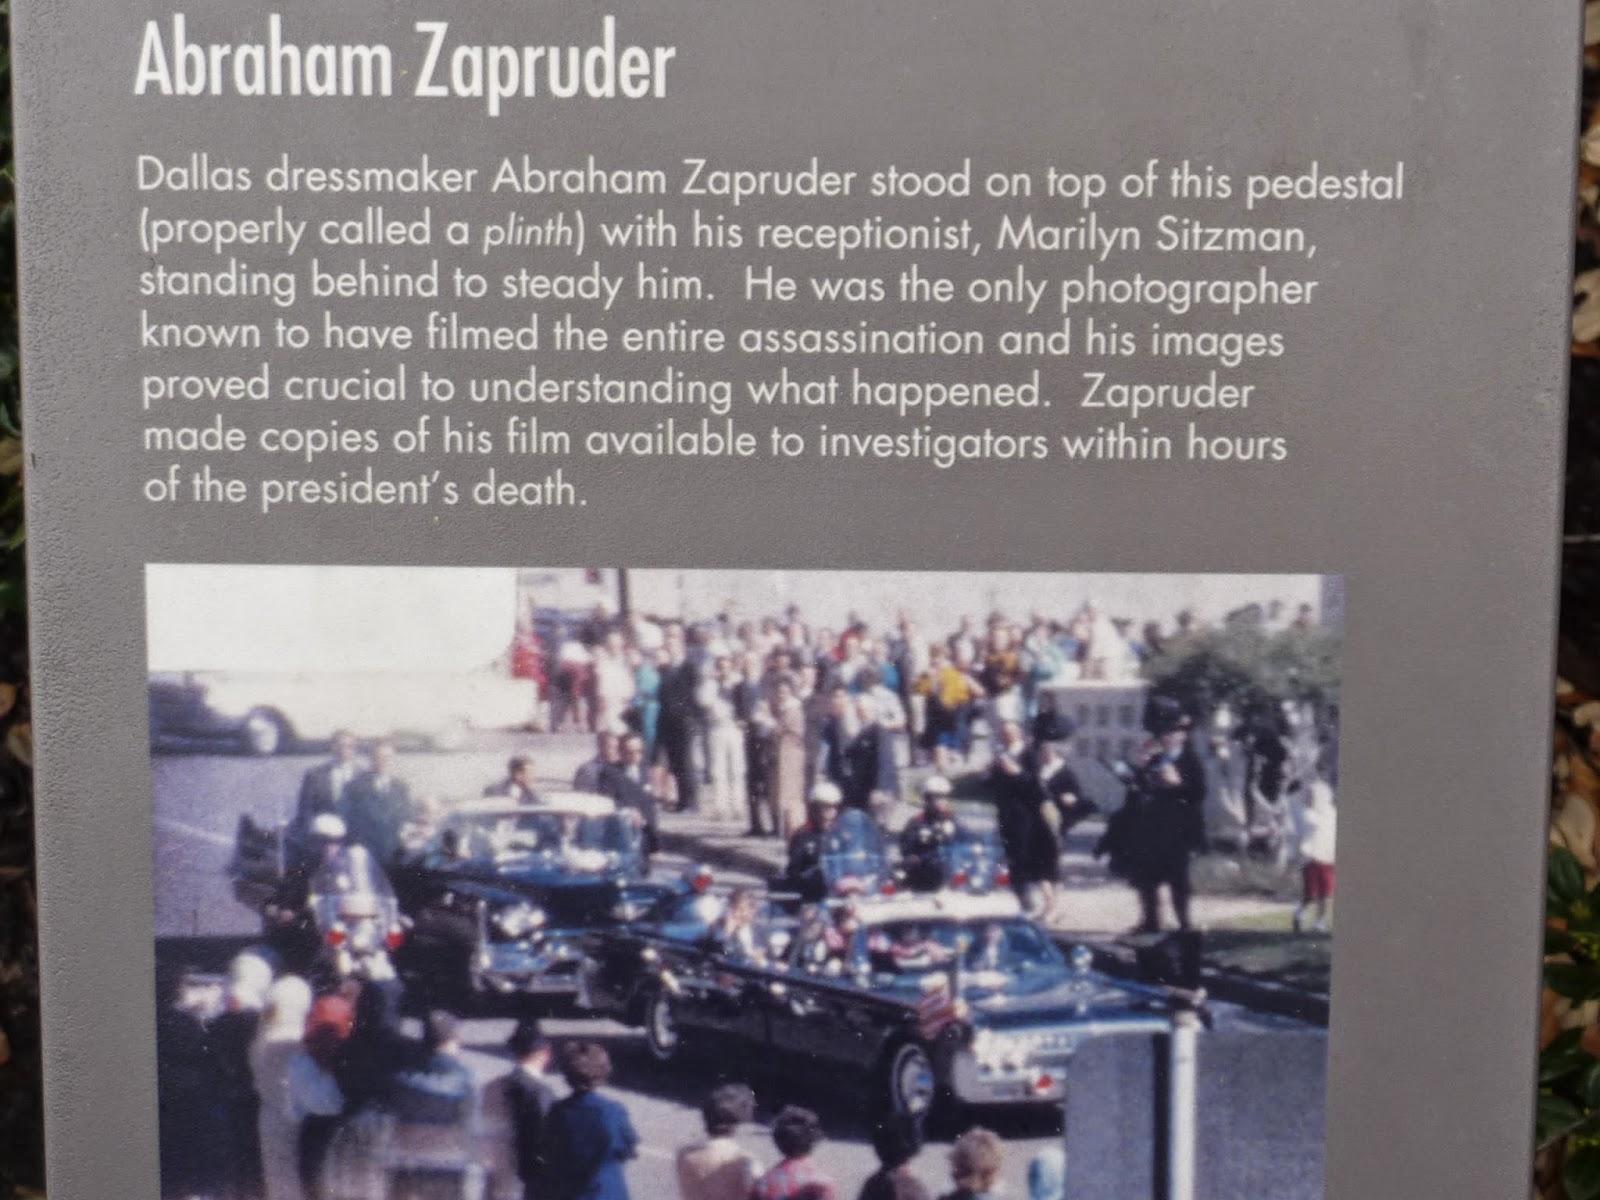 Gemütlich Zapruder Filmrahmen 313 Ideen - Benutzerdefinierte ...